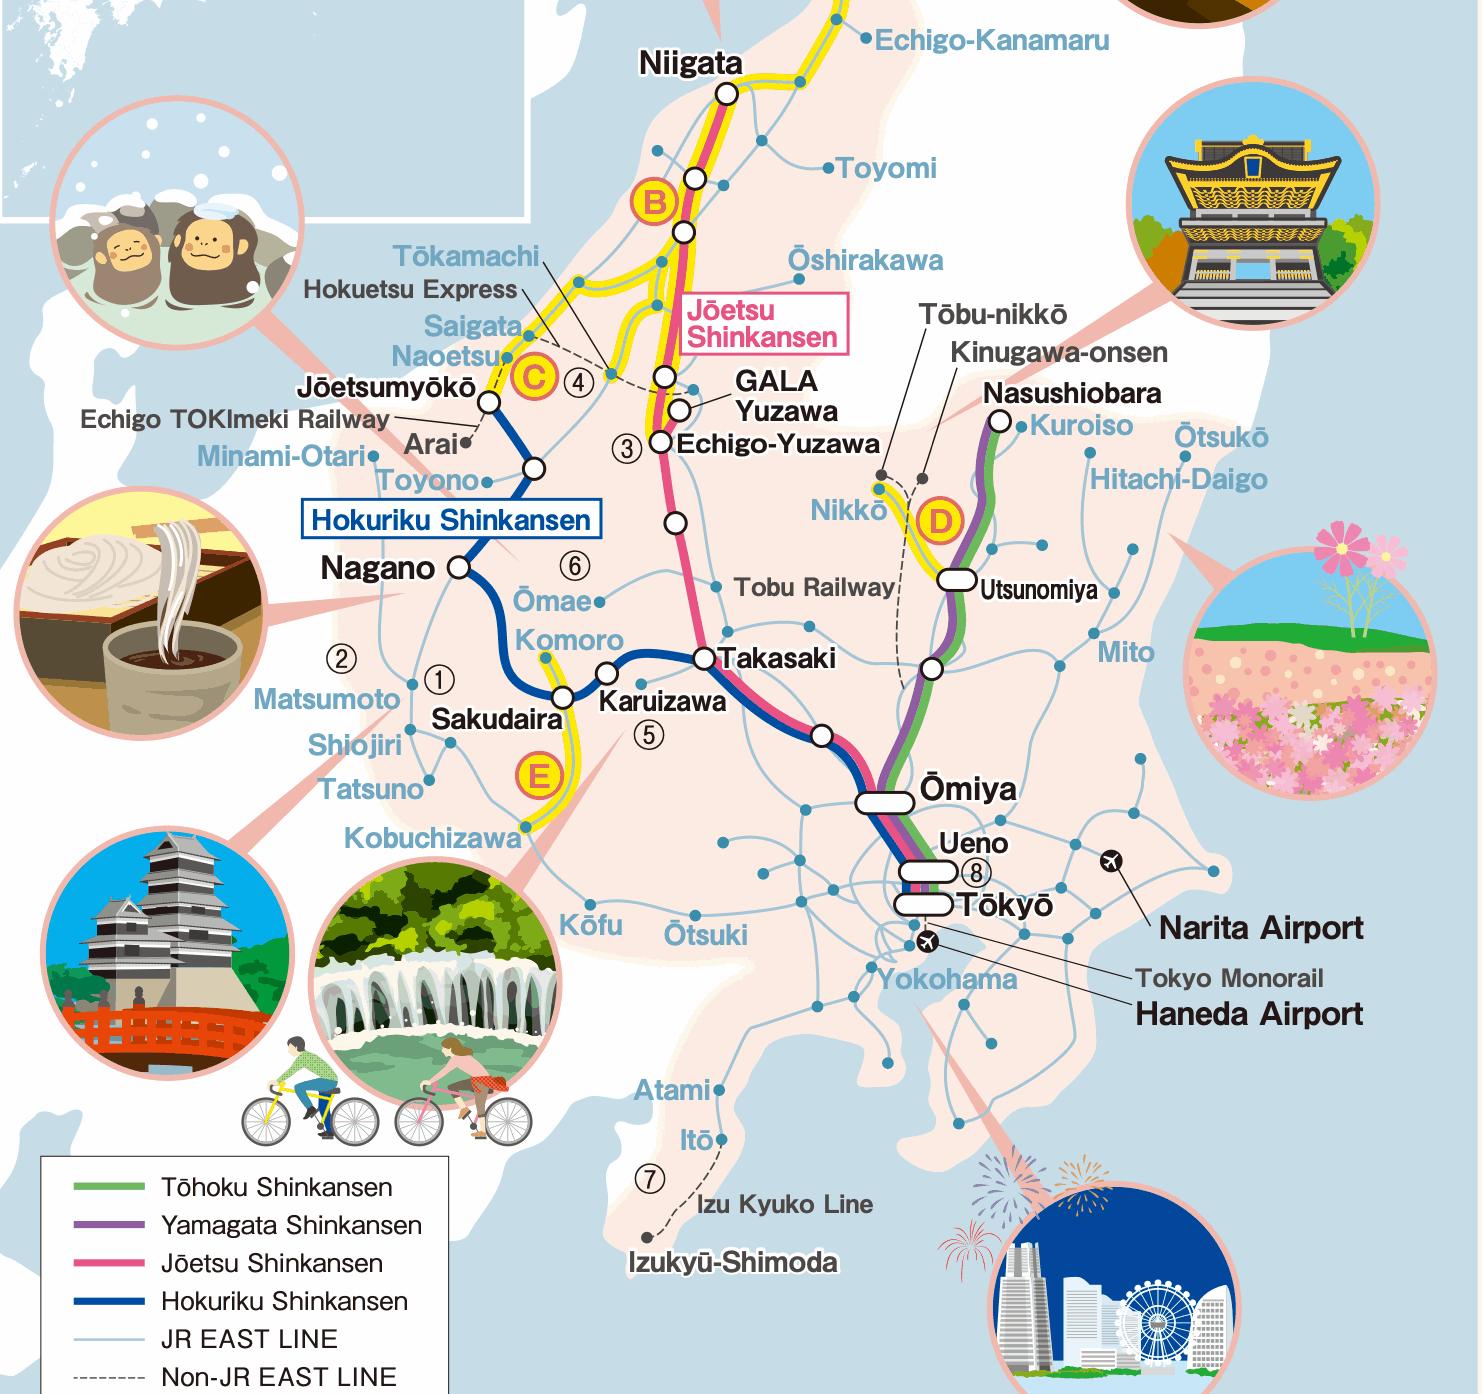 JR East Niigata